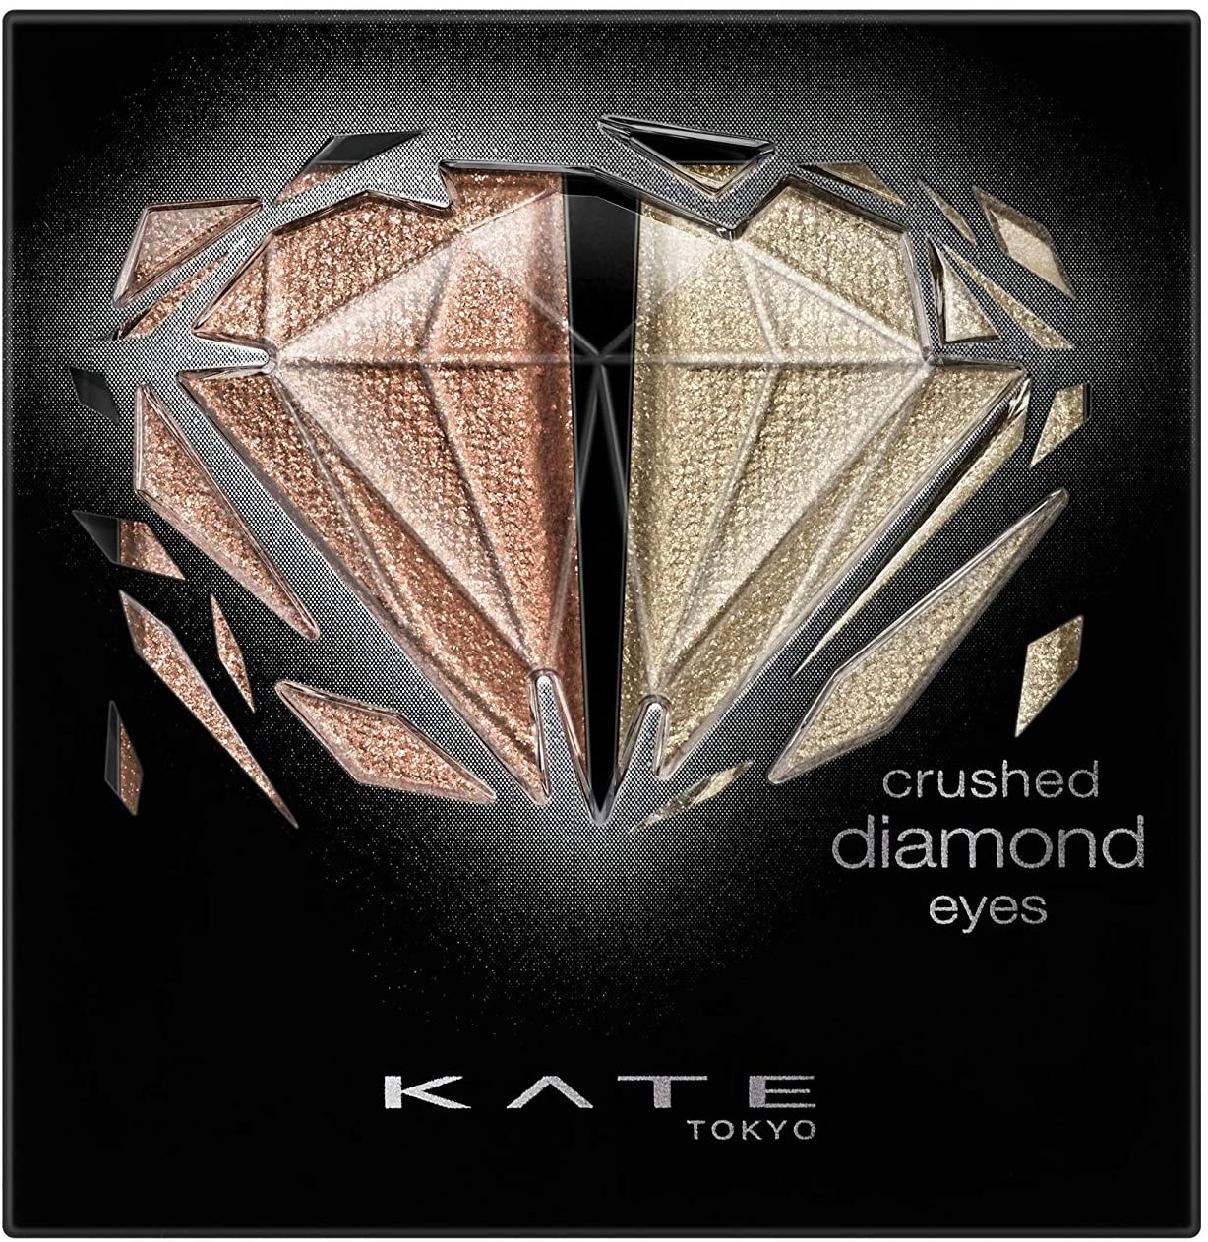 KATE(ケイト)クラッシュダイヤモンドアイズの商品画像